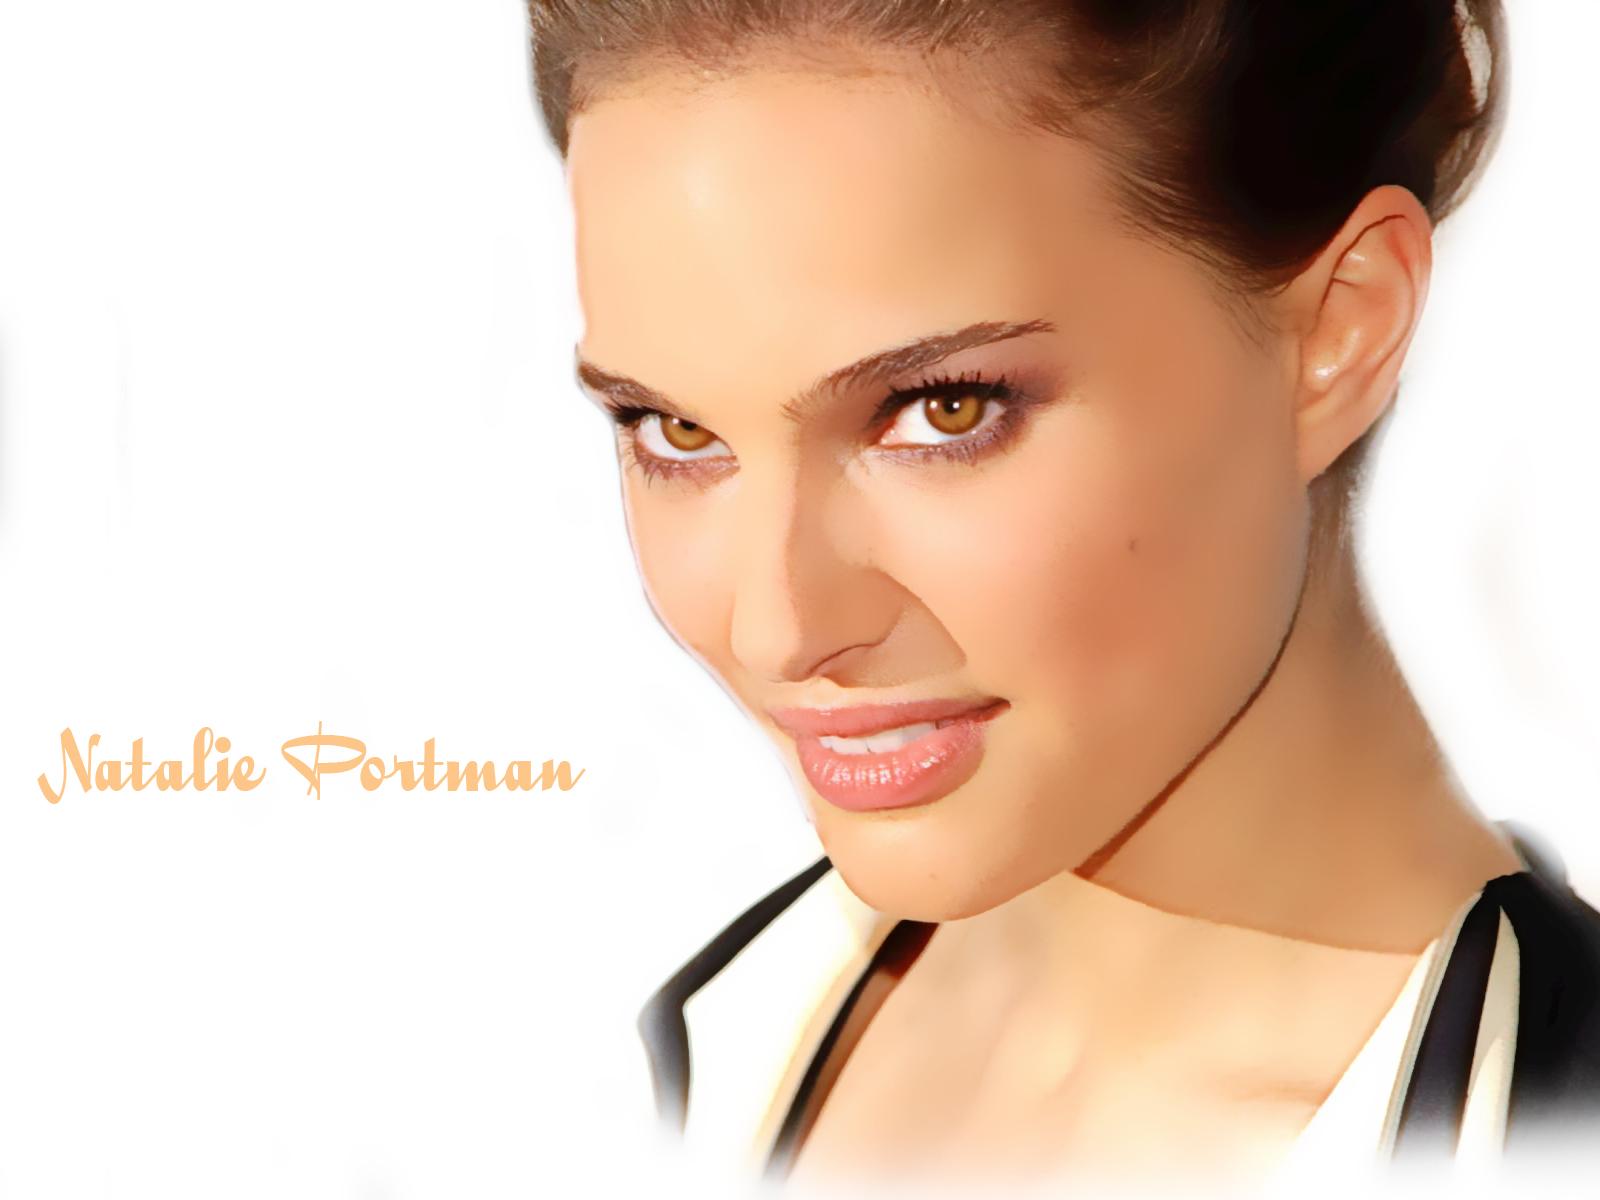 http://2.bp.blogspot.com/-PxrKKT8IIm8/T57jUhhZqYI/AAAAAAAAB7Q/EuL4bNDBC3I/s1600/Natalie+Portman+wallpapers+1.jpg